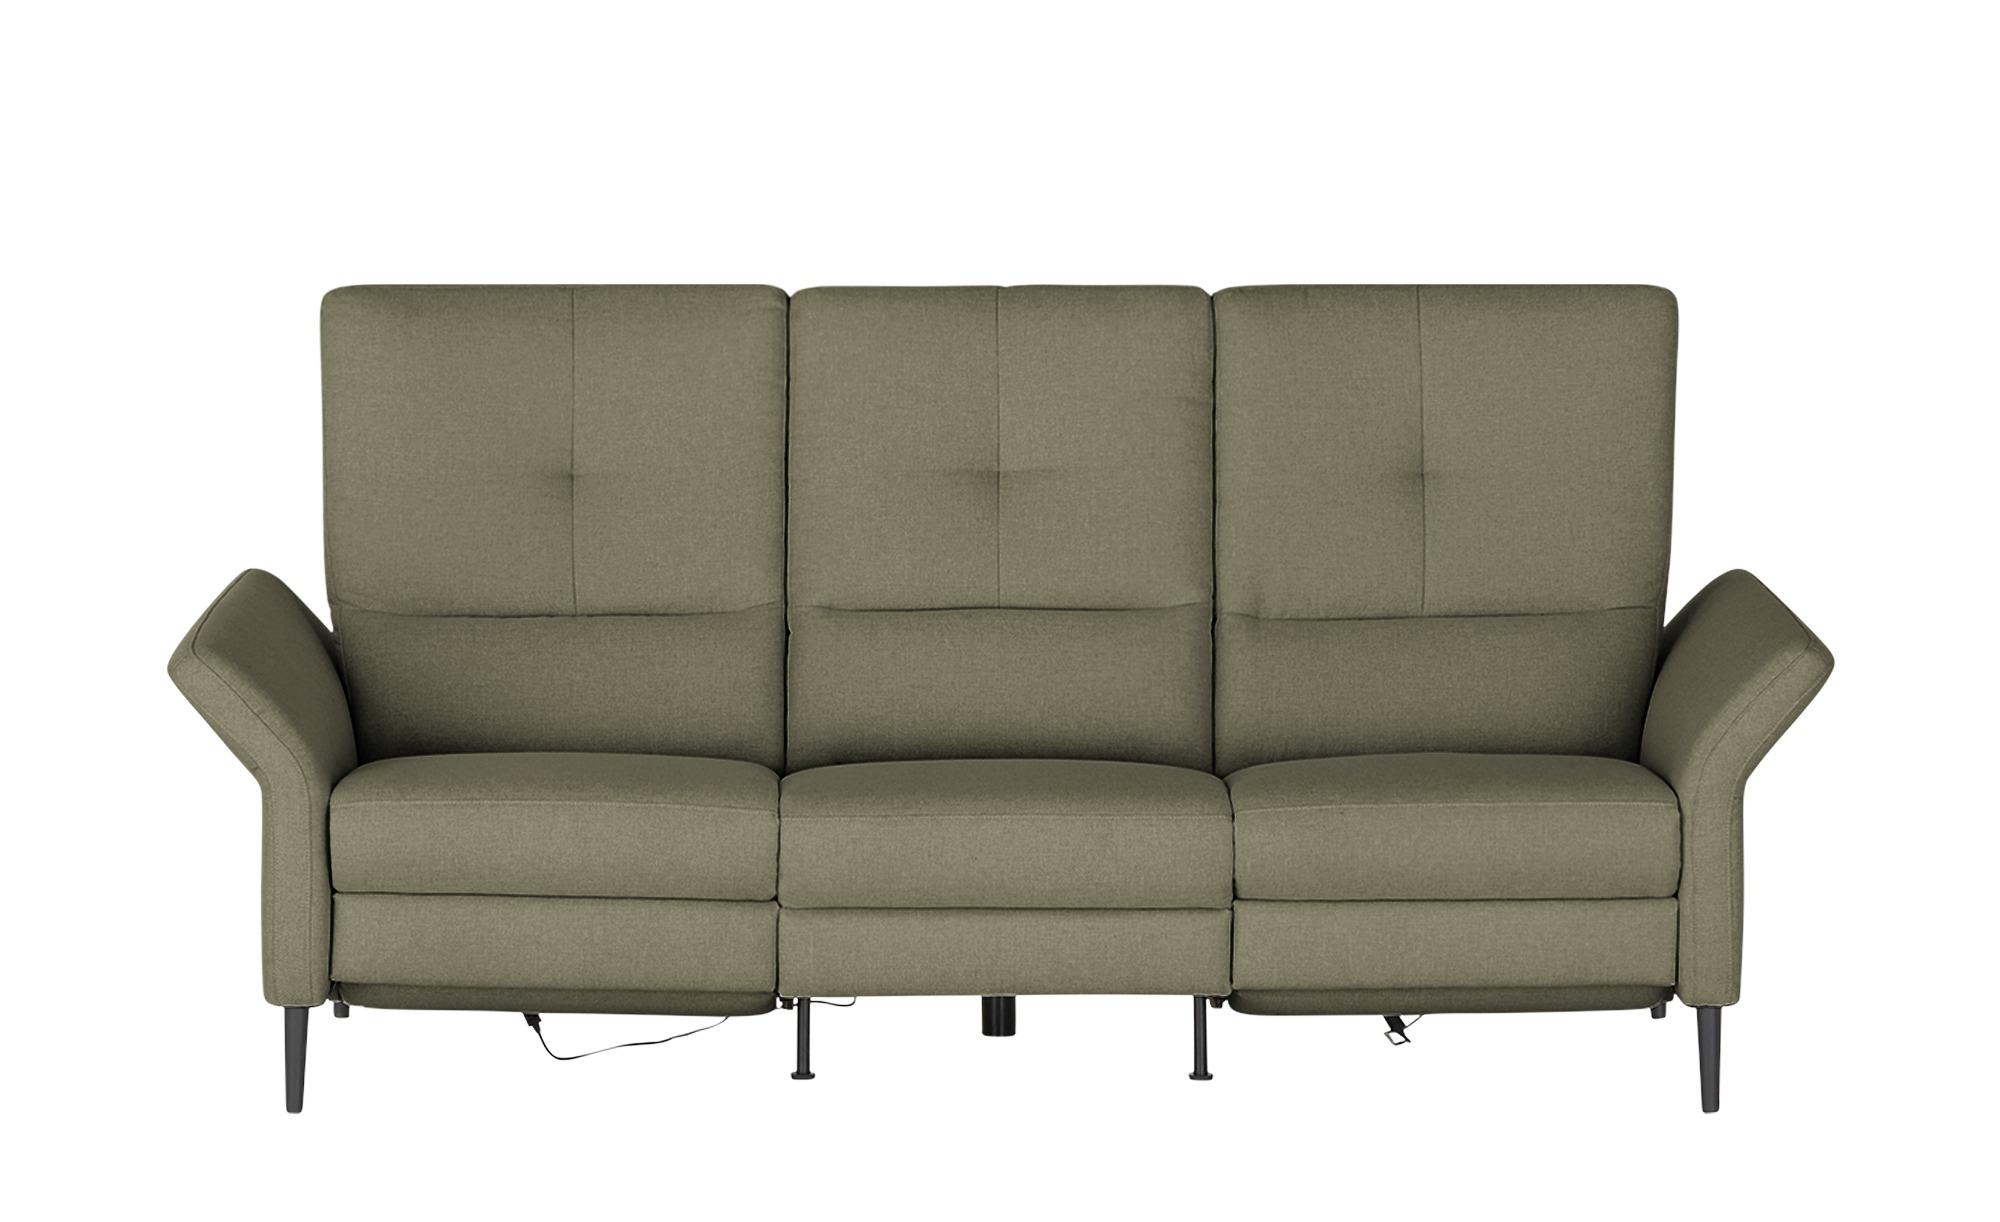 Wohnwert Einzelsofa  Sandra ¦ grün ¦ Maße (cm): B: 224 H: 108 T: 89 Polstermöbel > Sofas > 2-Sitzer - Höffner